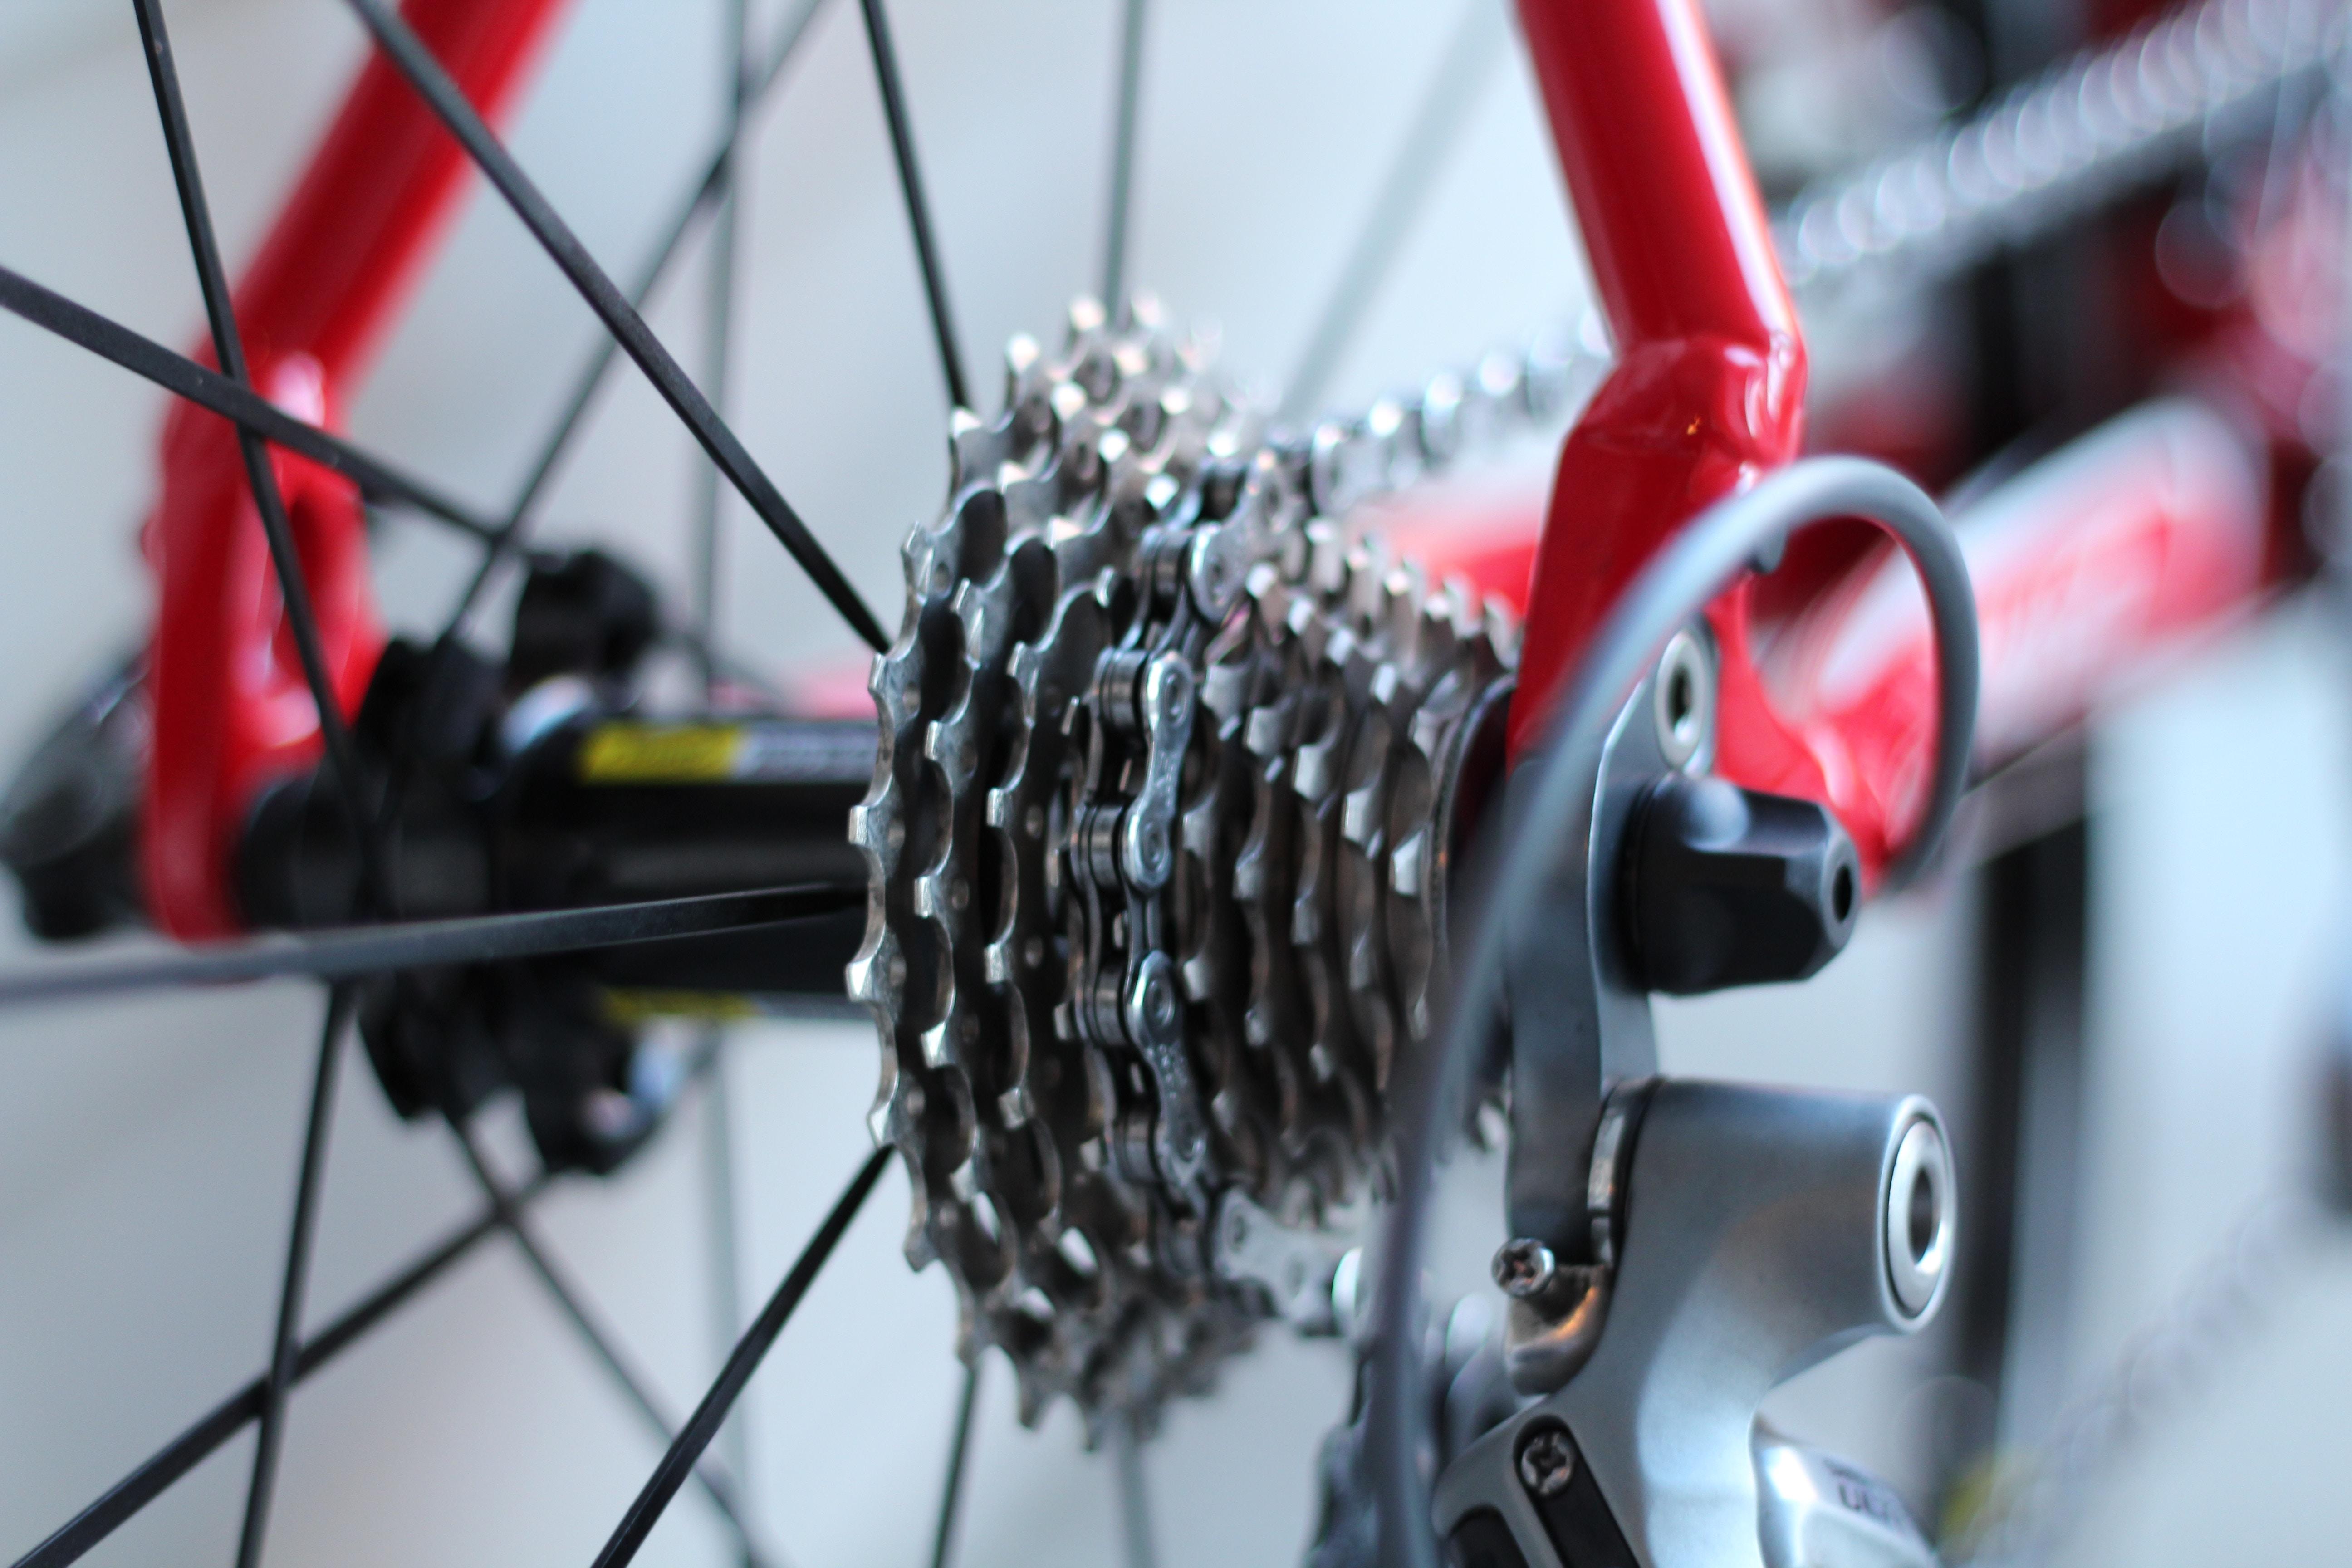 Les choses à savoir avant d'acheter votre vélo électrique.